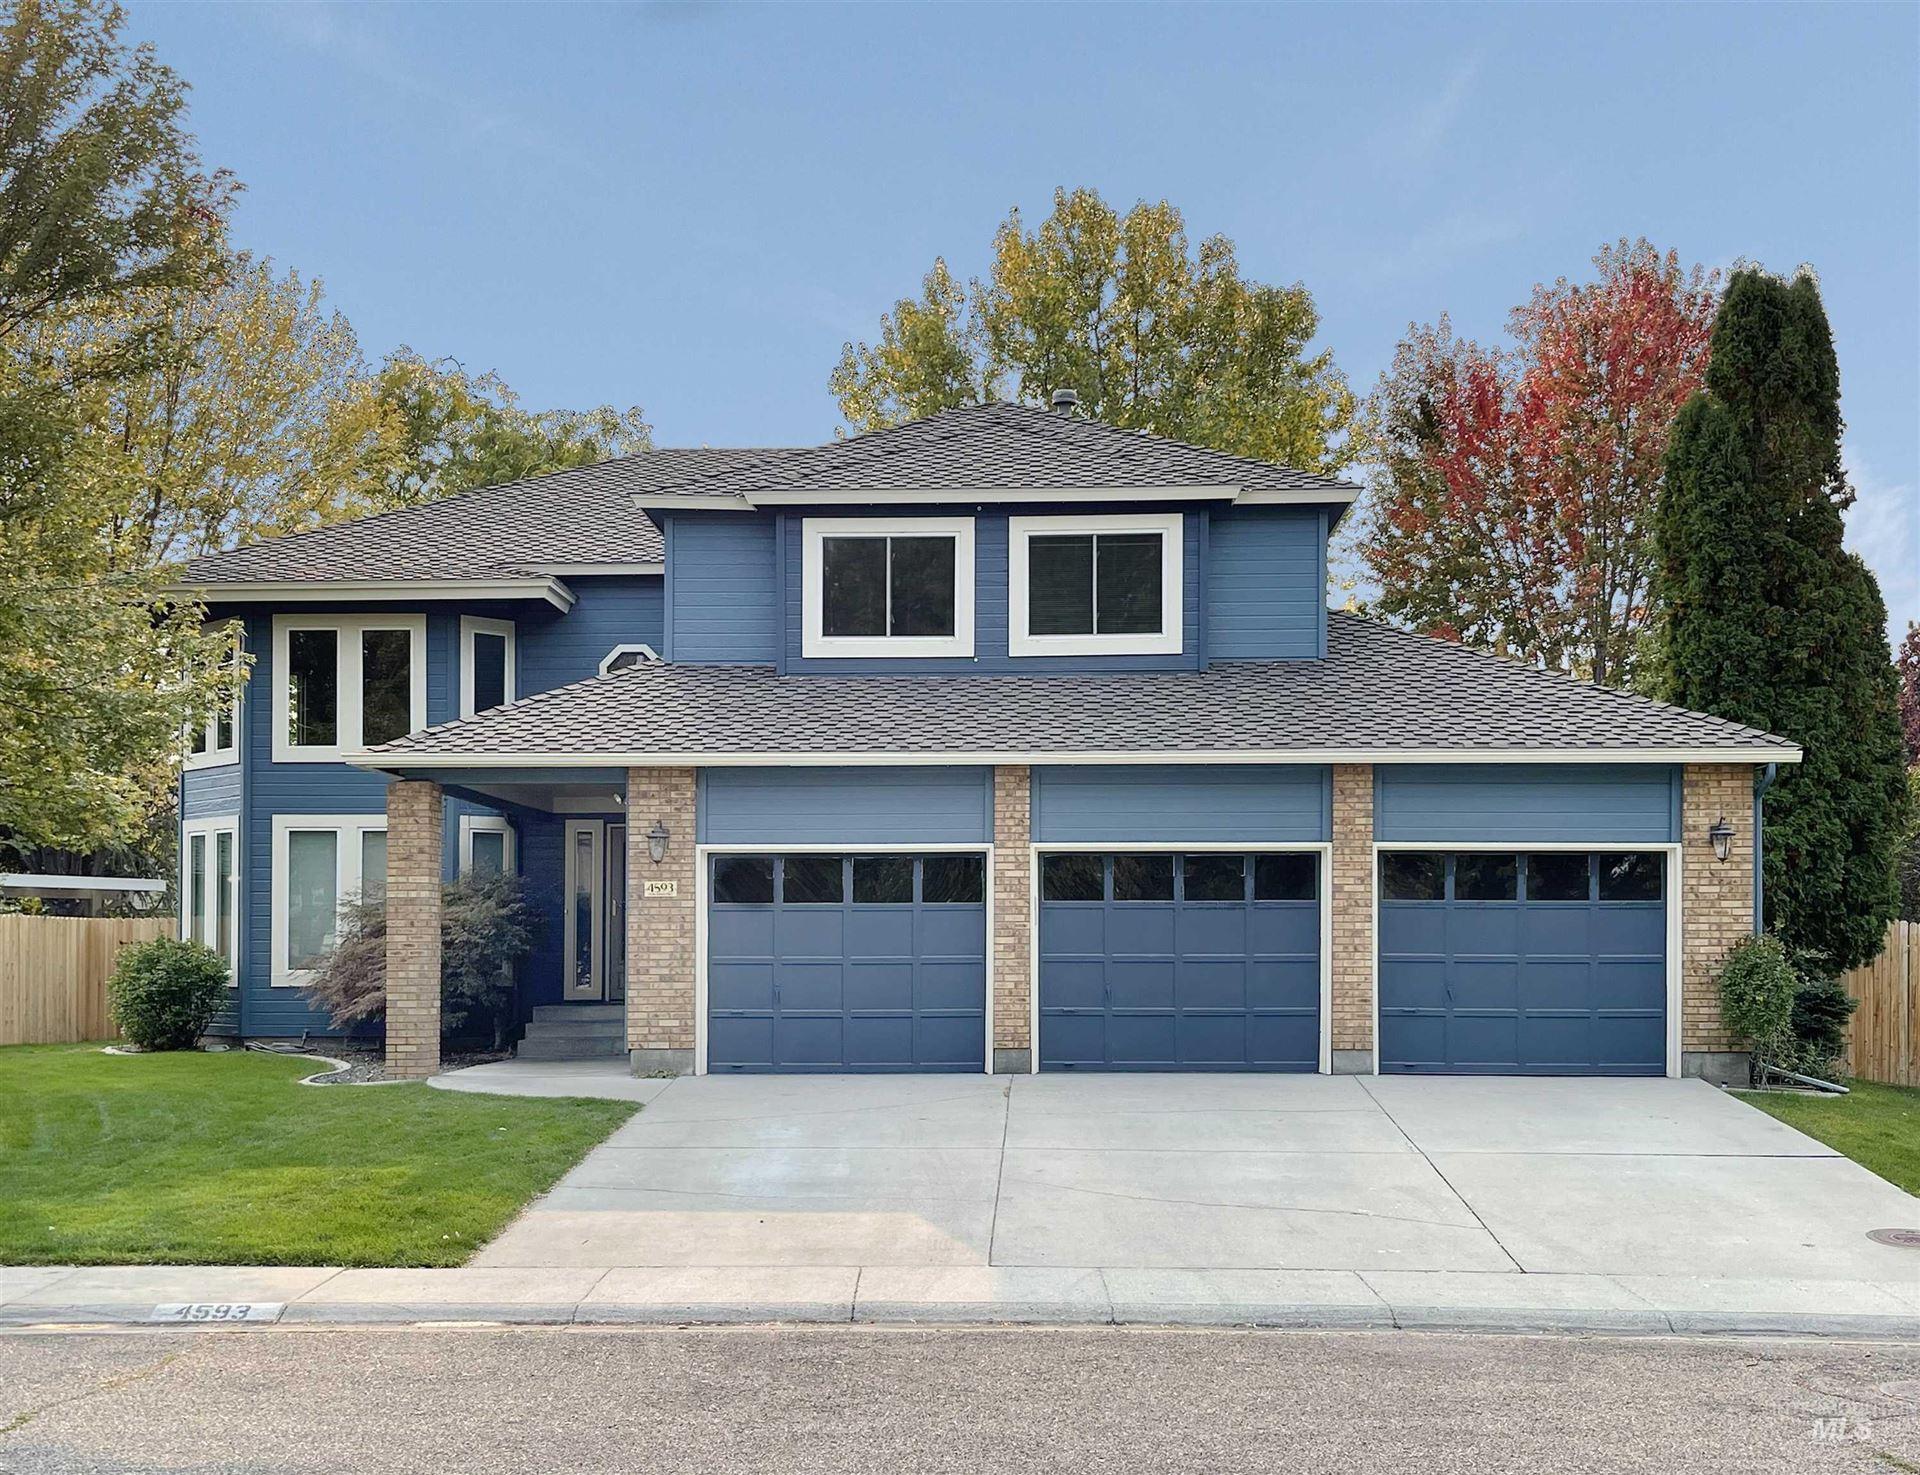 4593 N Marylebone Pl, Boise, ID 83713 - MLS#: 98821567